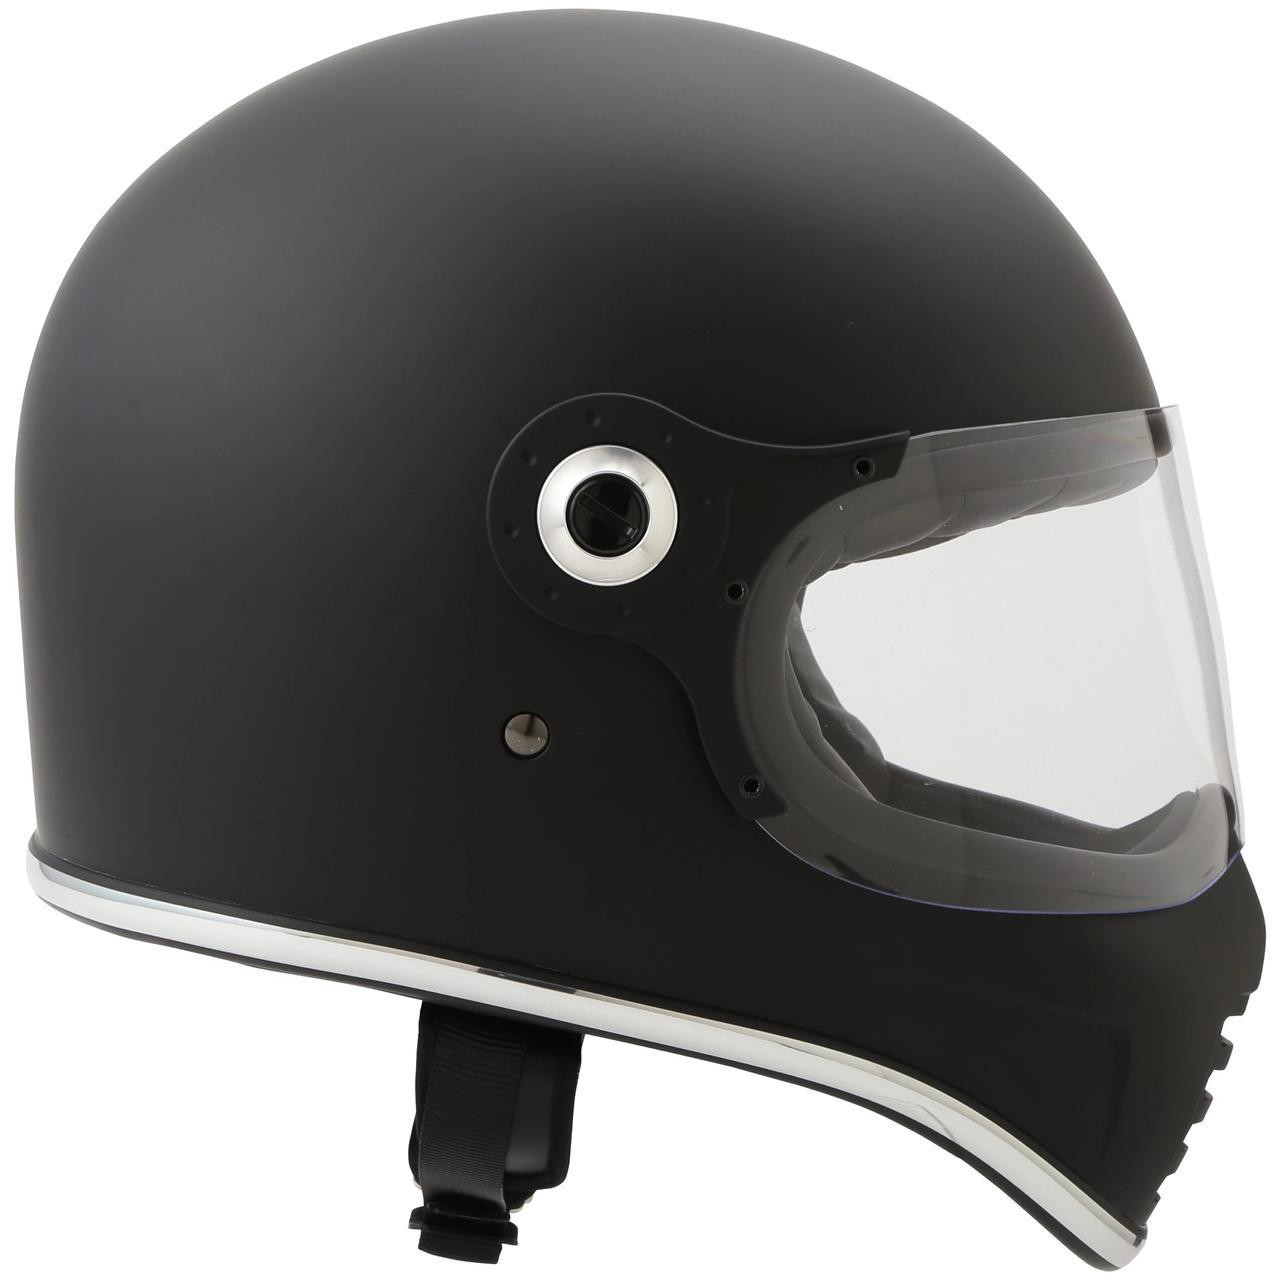 画像3: 【RIDEZ】ネオクラシックヘルメット「XX」(ダブルエックス)が発売開始! 価格も魅力的!